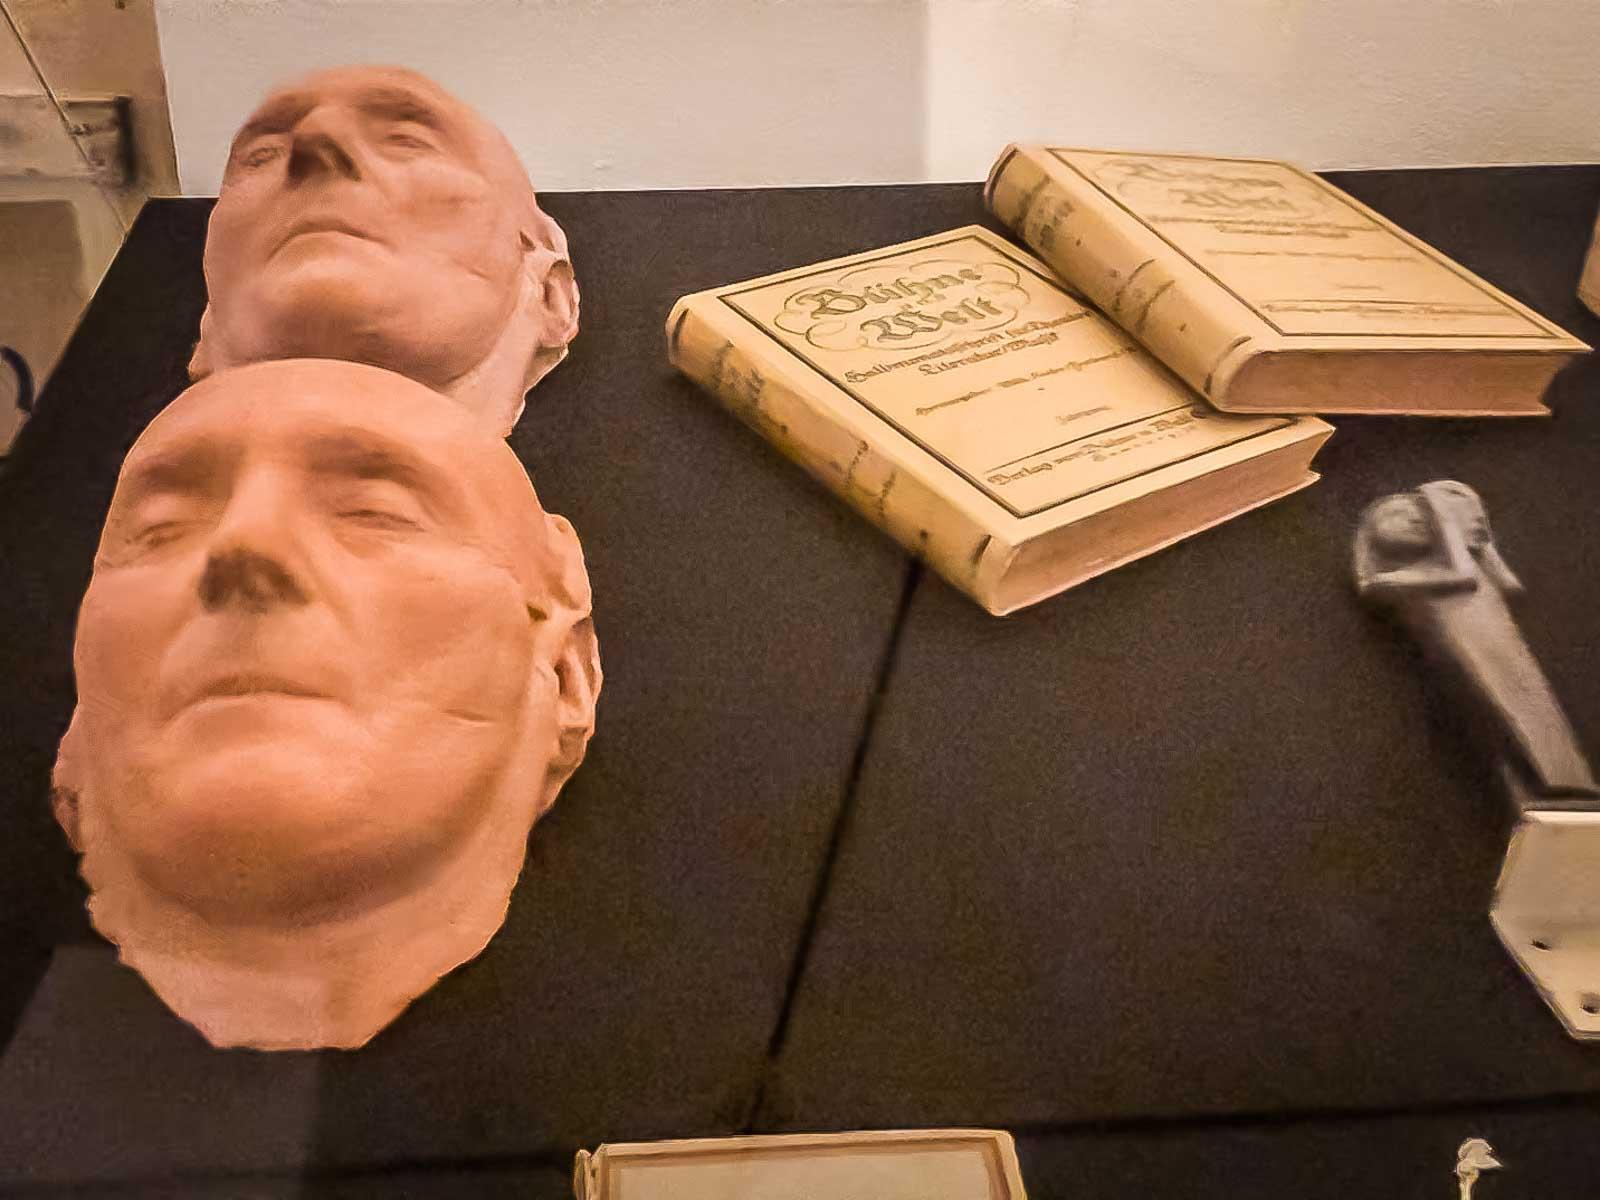 Totenmasken und Bücher